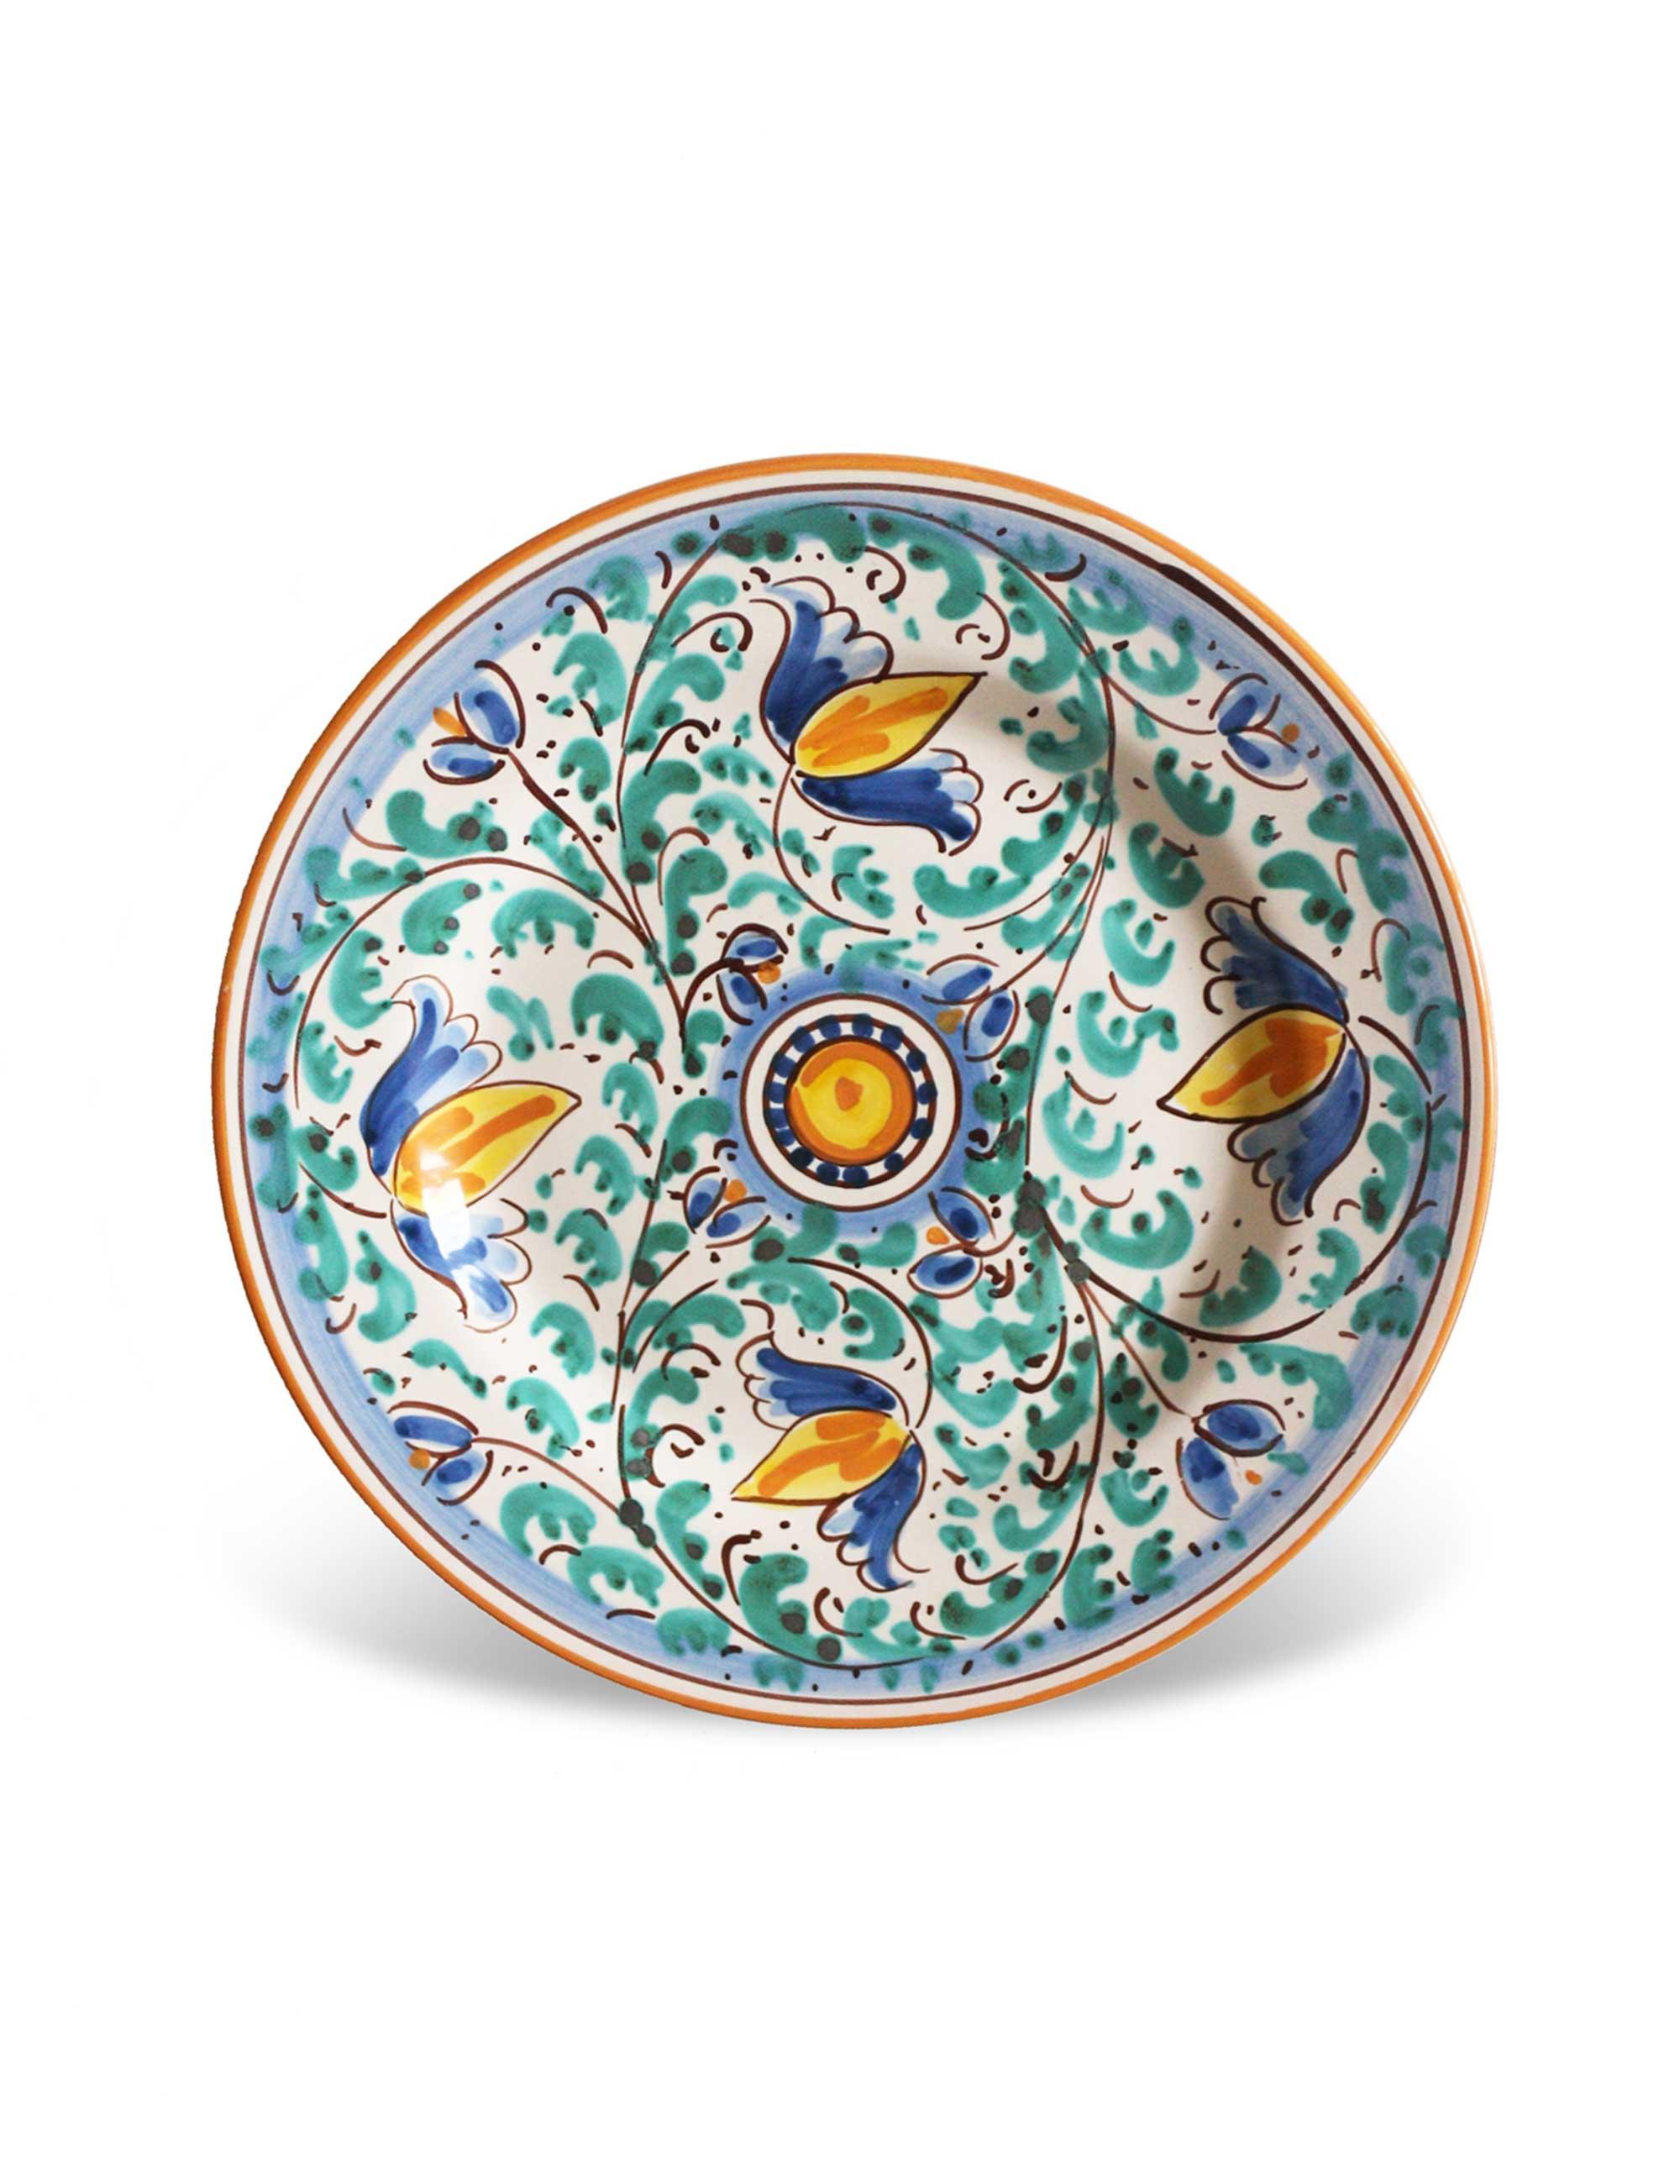 Piatti In Ceramica Prezzi.Piatti Ceramica Caltagirone Set Limiuni Maremoro